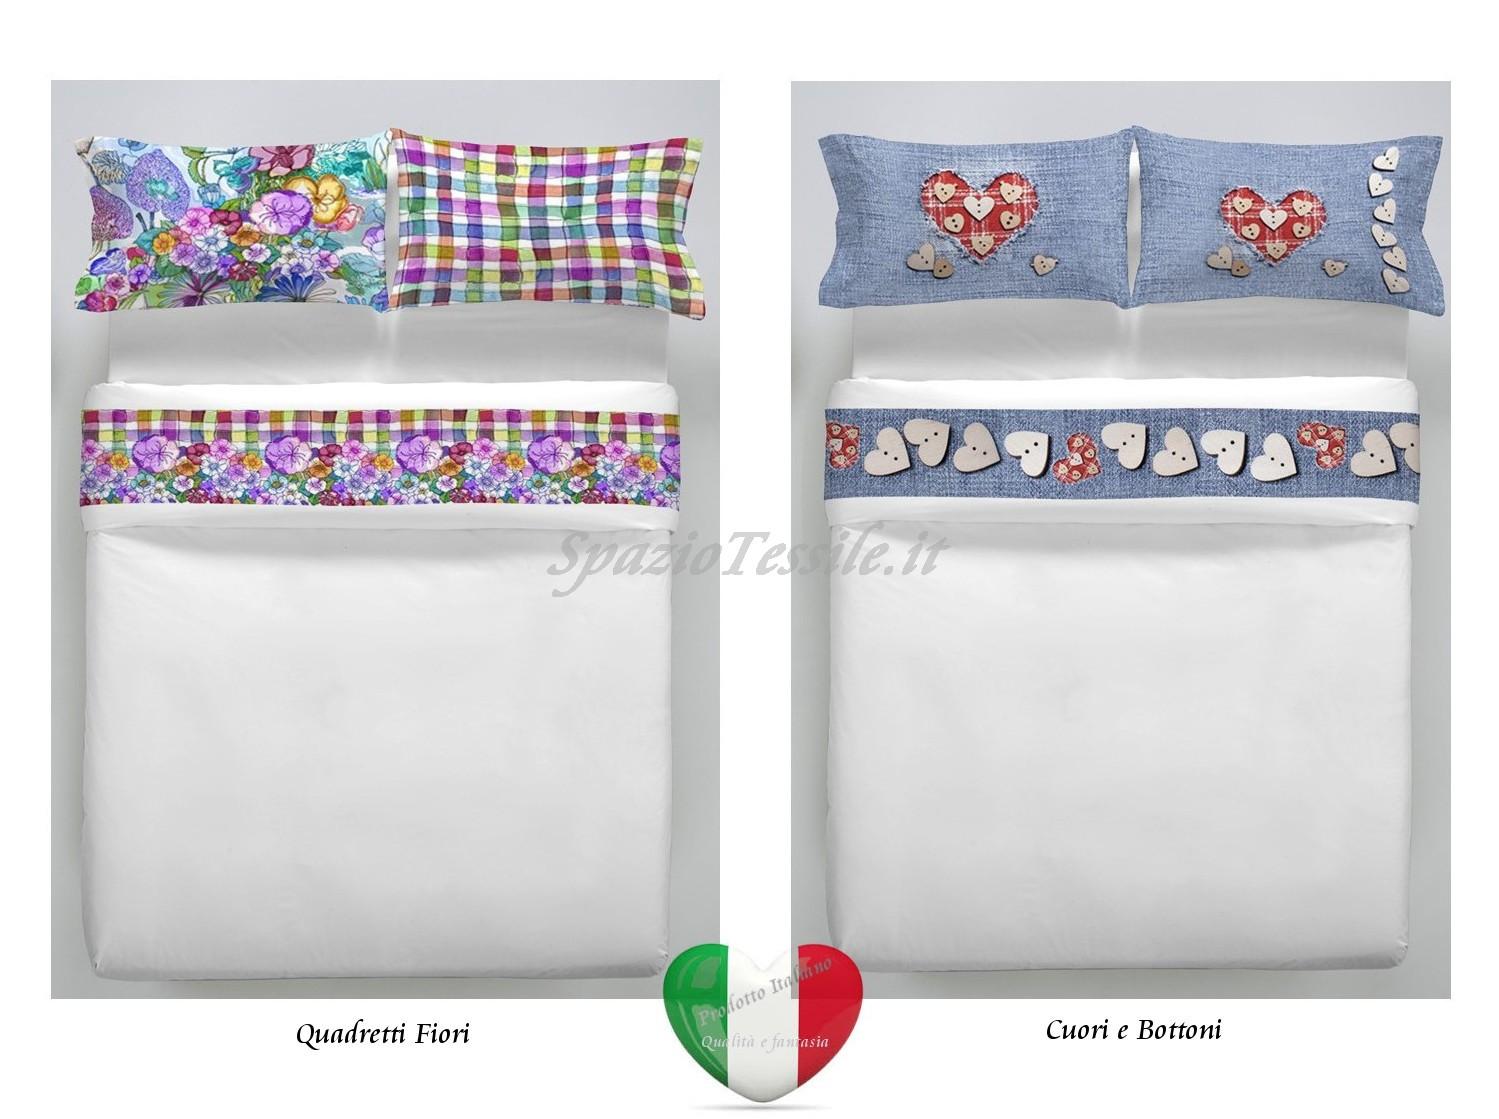 completo lenzuola stampe digitali quadretti e fiori cuori bottoni